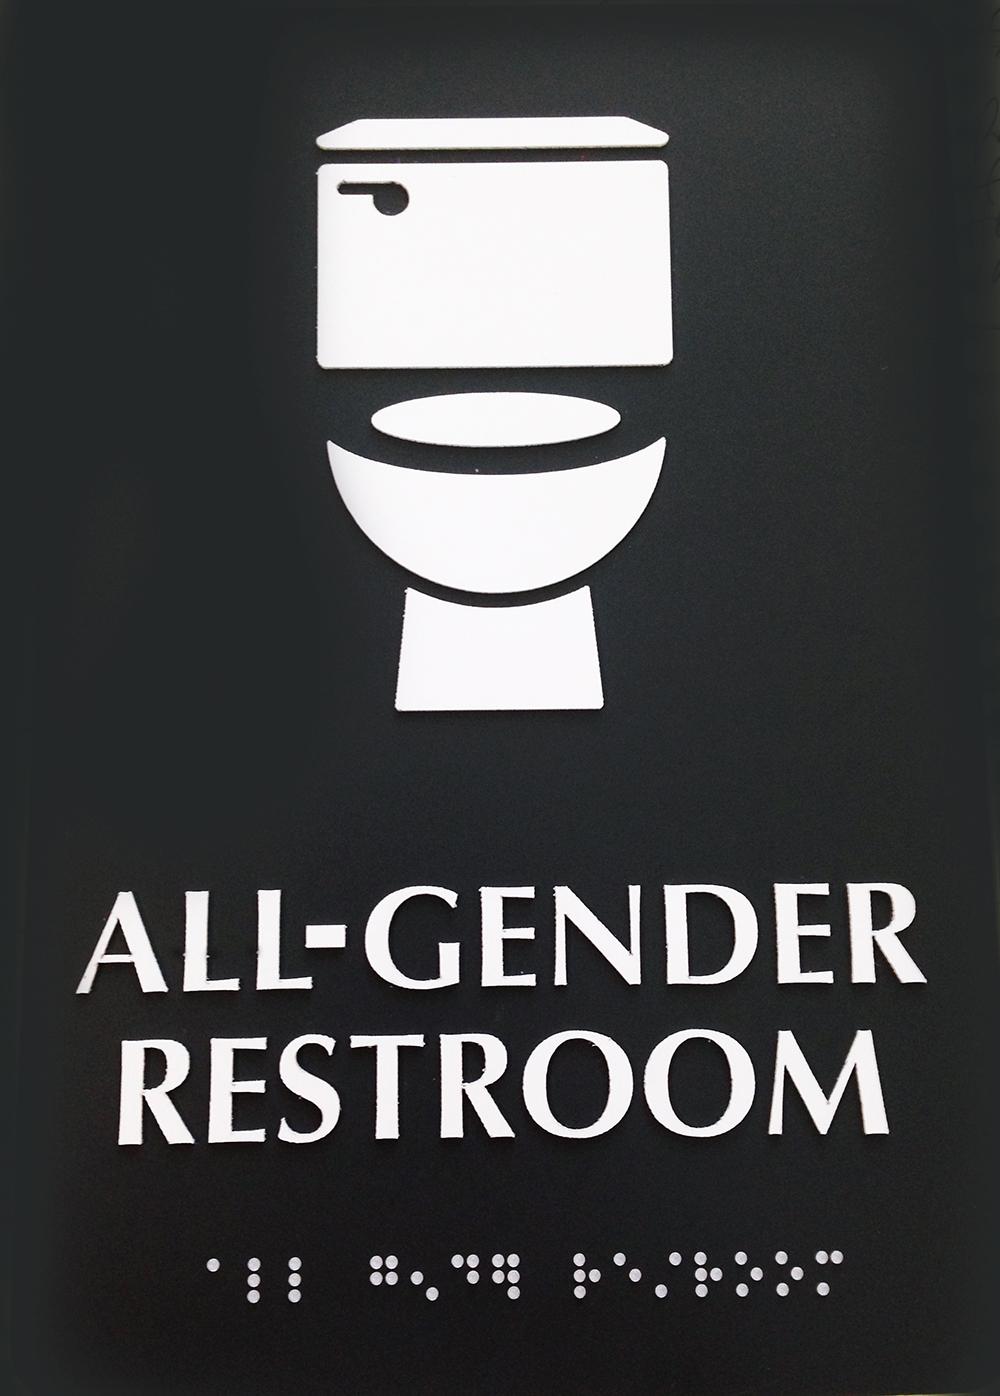 All gender bathroom signs the laurel of asheville for Against gender neutral bathrooms